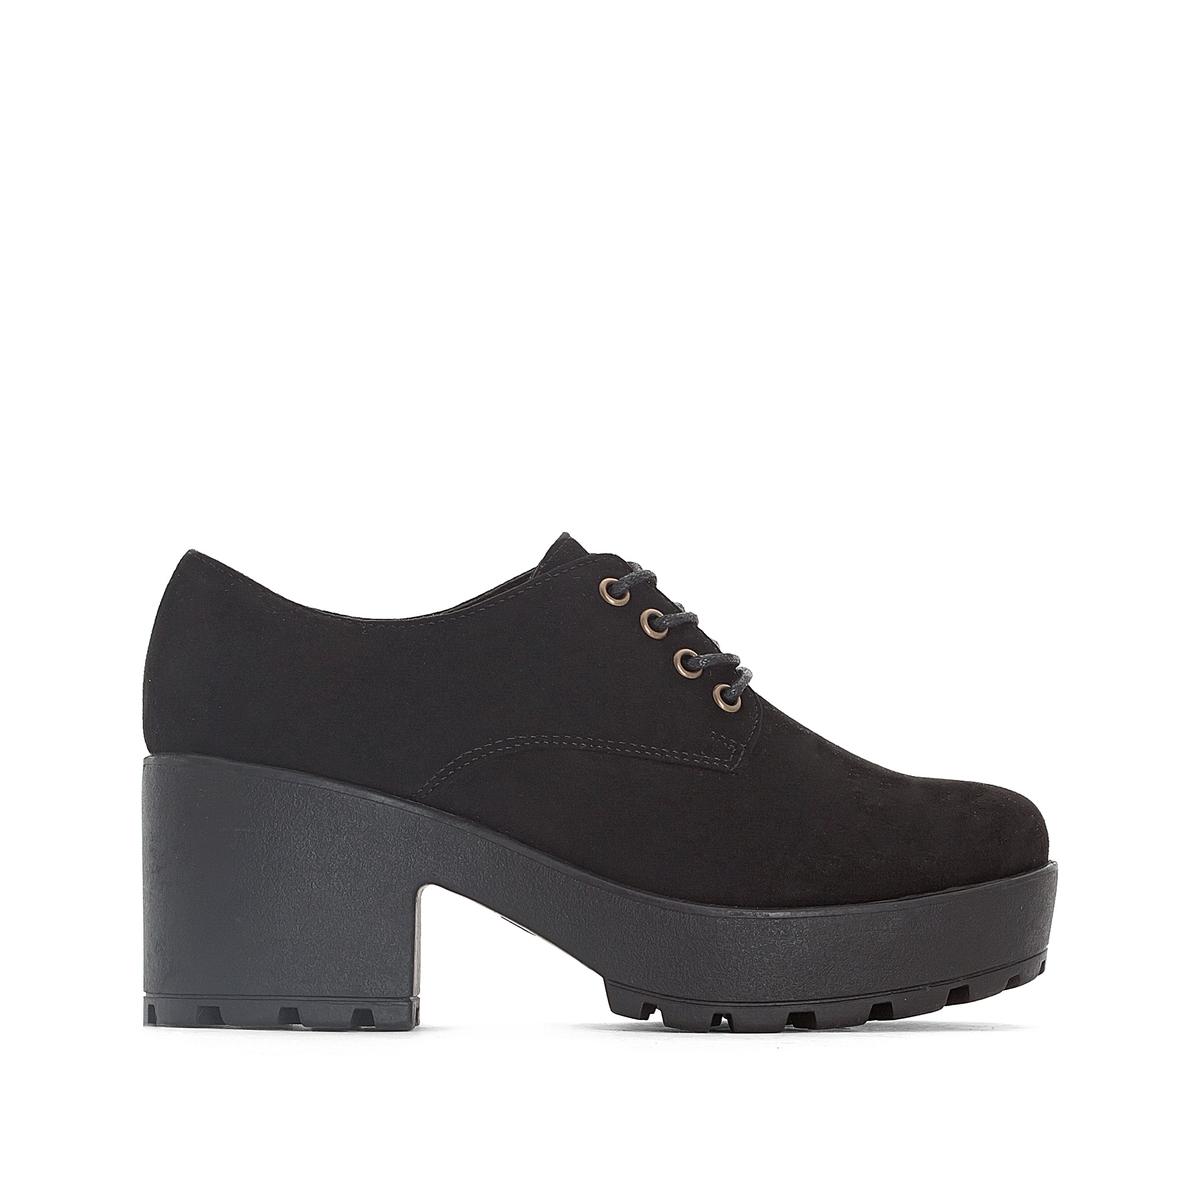 Ботинки-дерби на каблуке Cruise